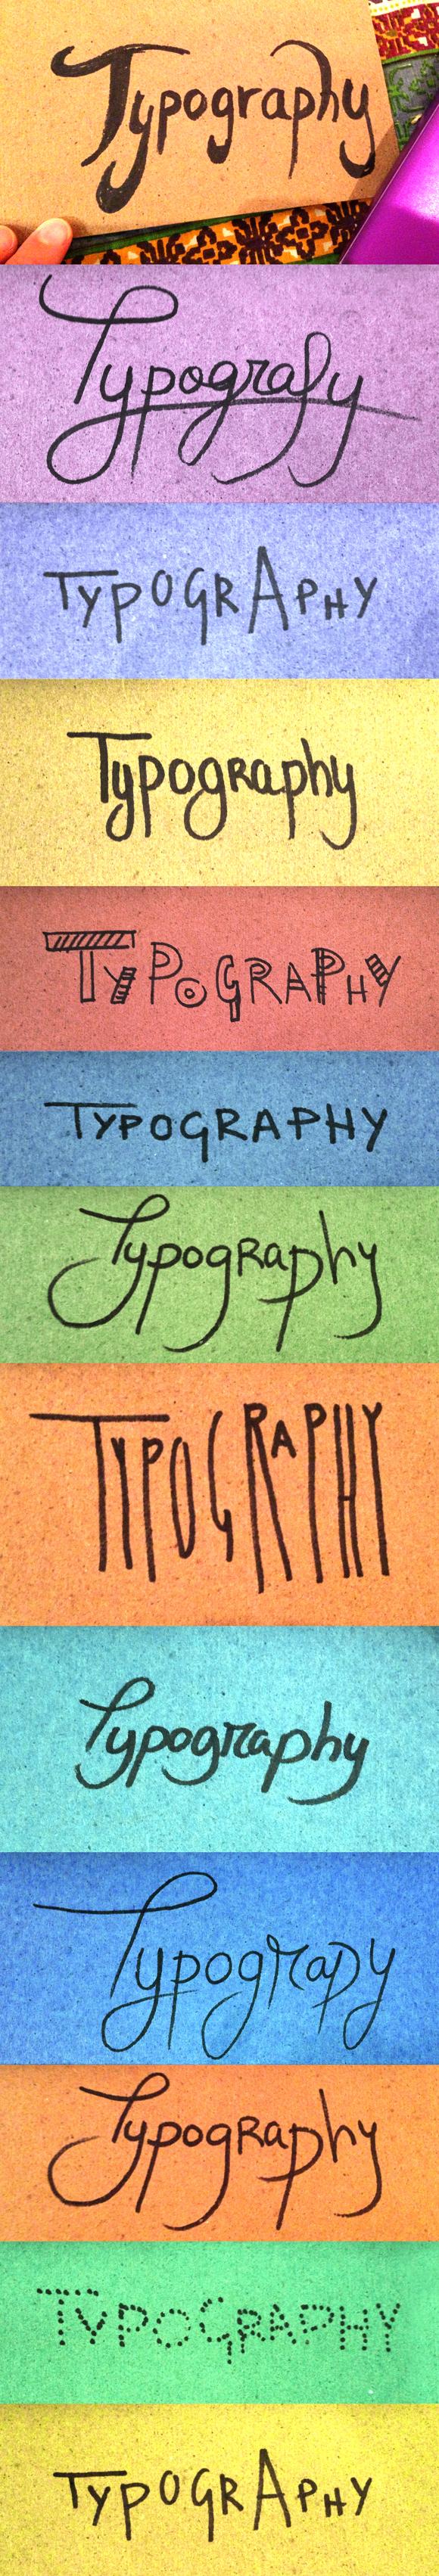 typographyIterations